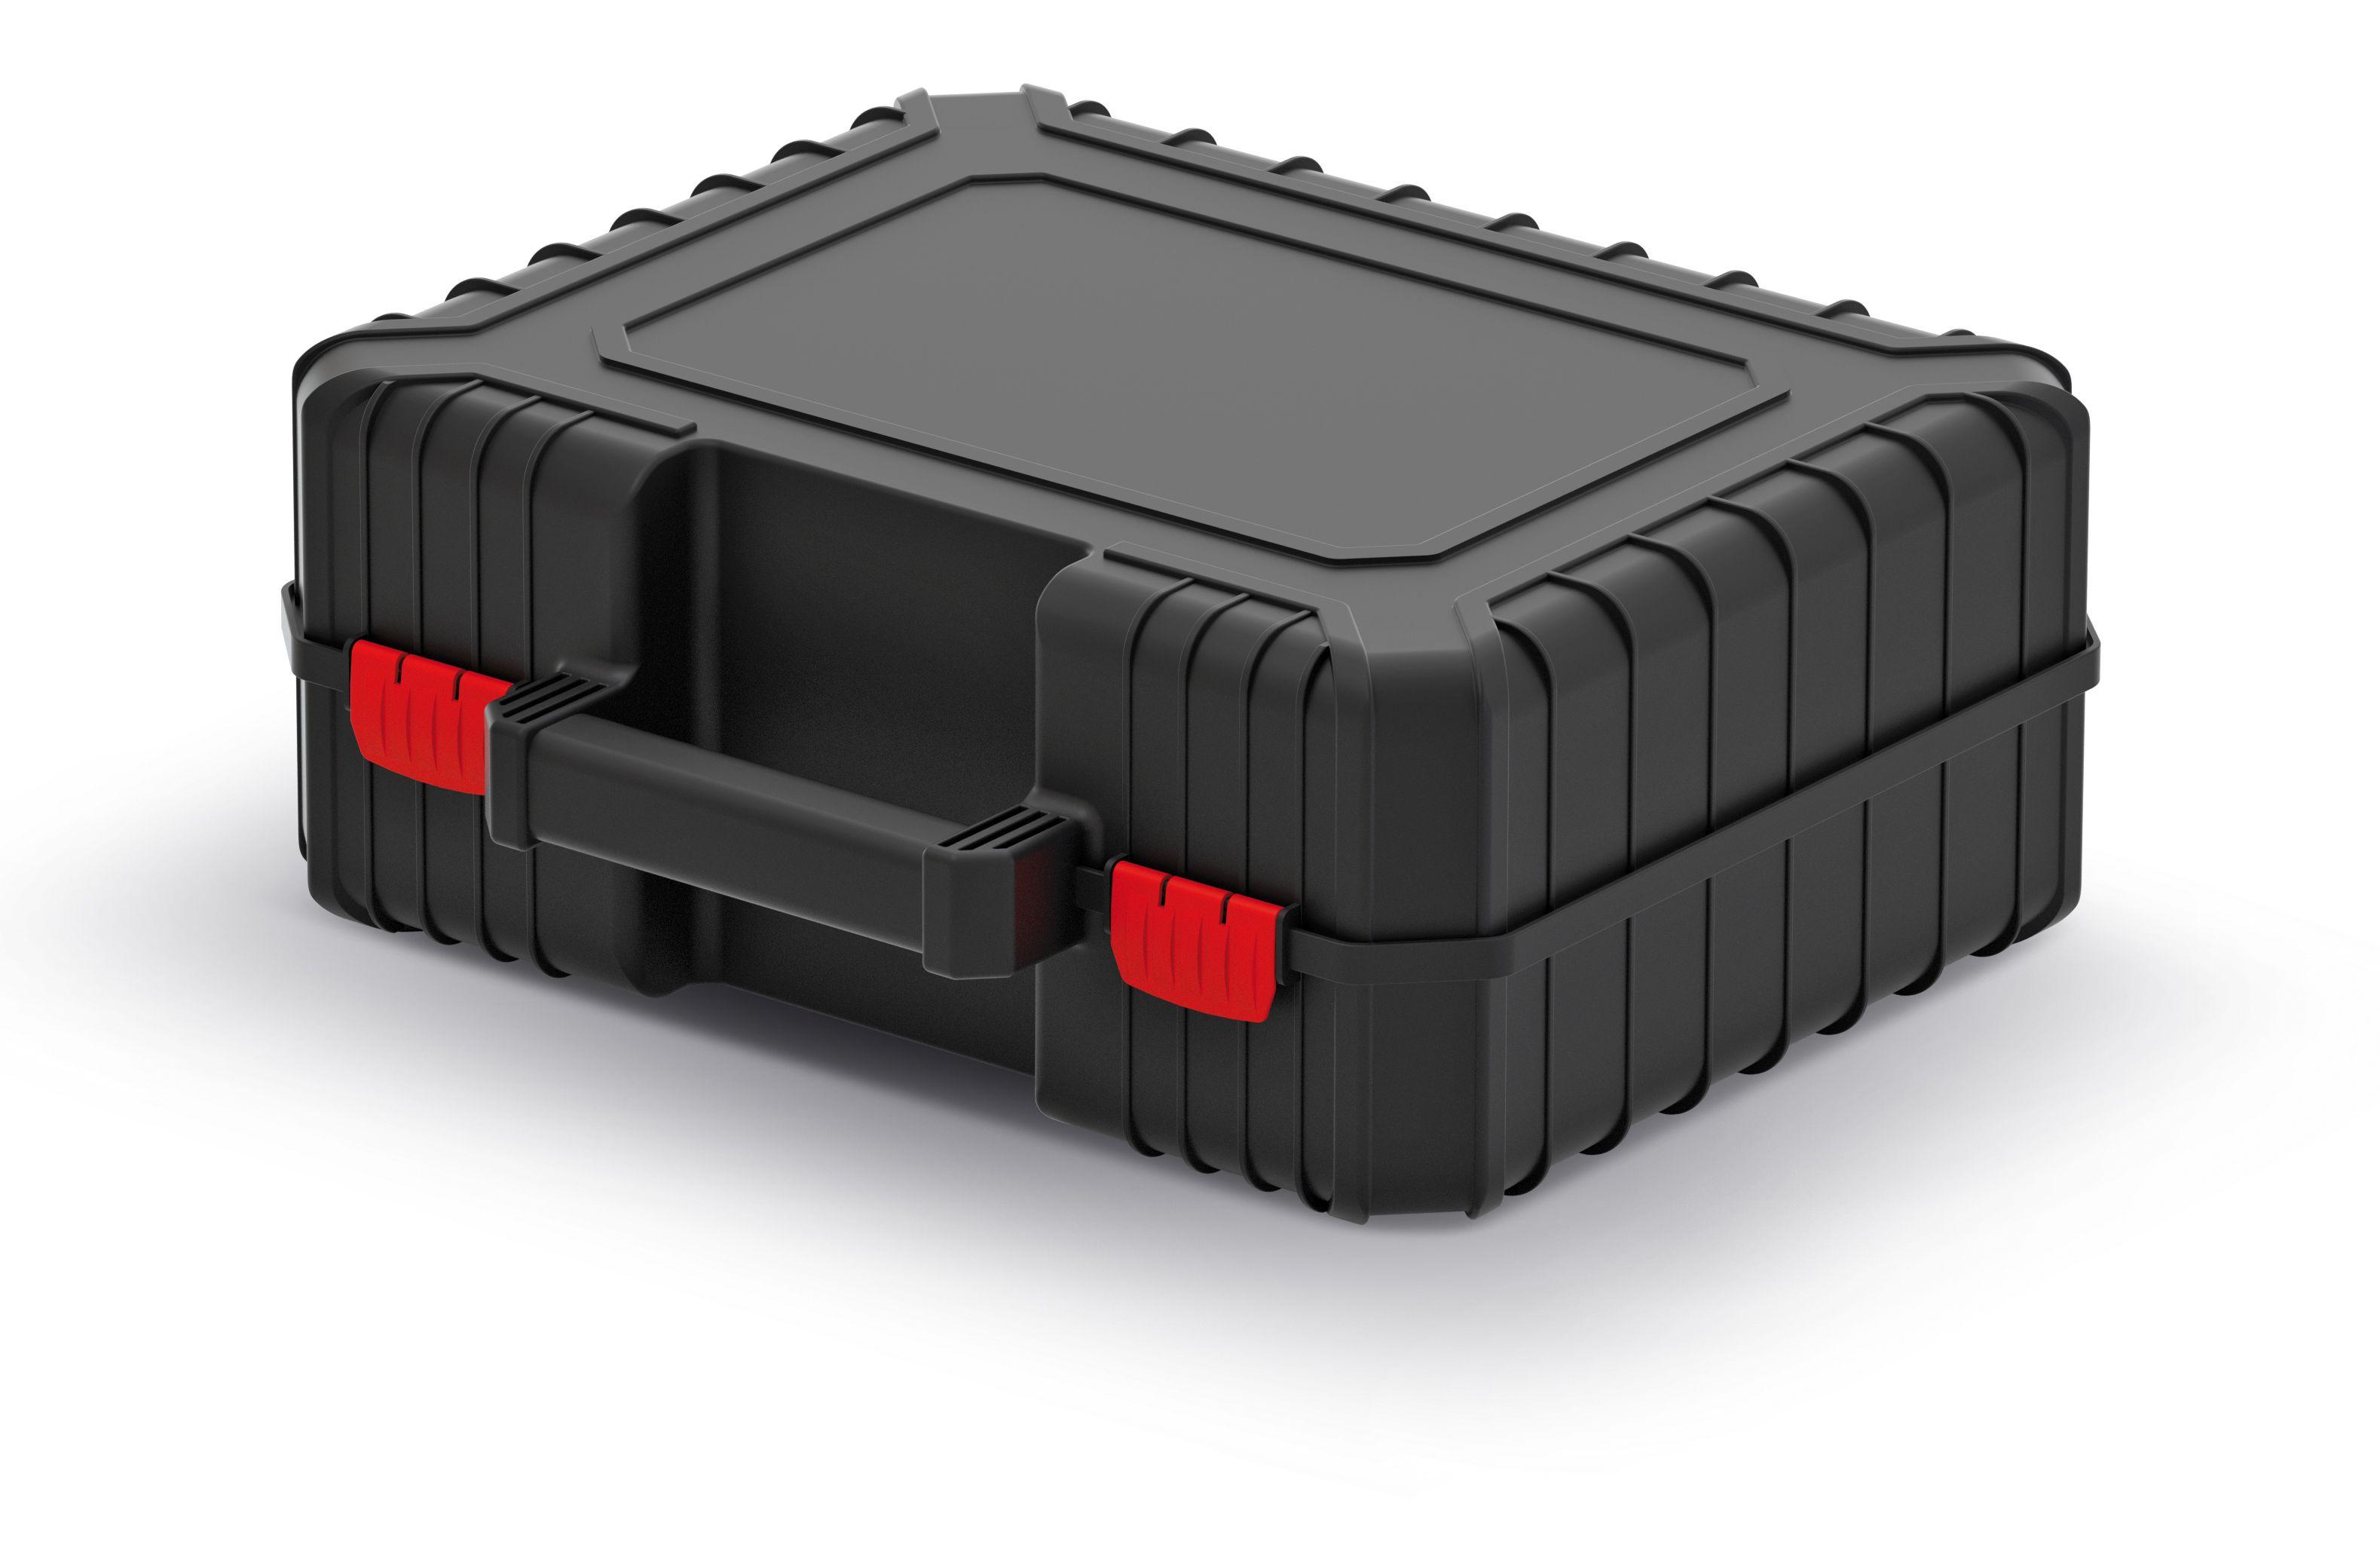 PROSPERPLAST Kufr na nářadí s upevňovacími páskami HEAVY černý 384x335x144